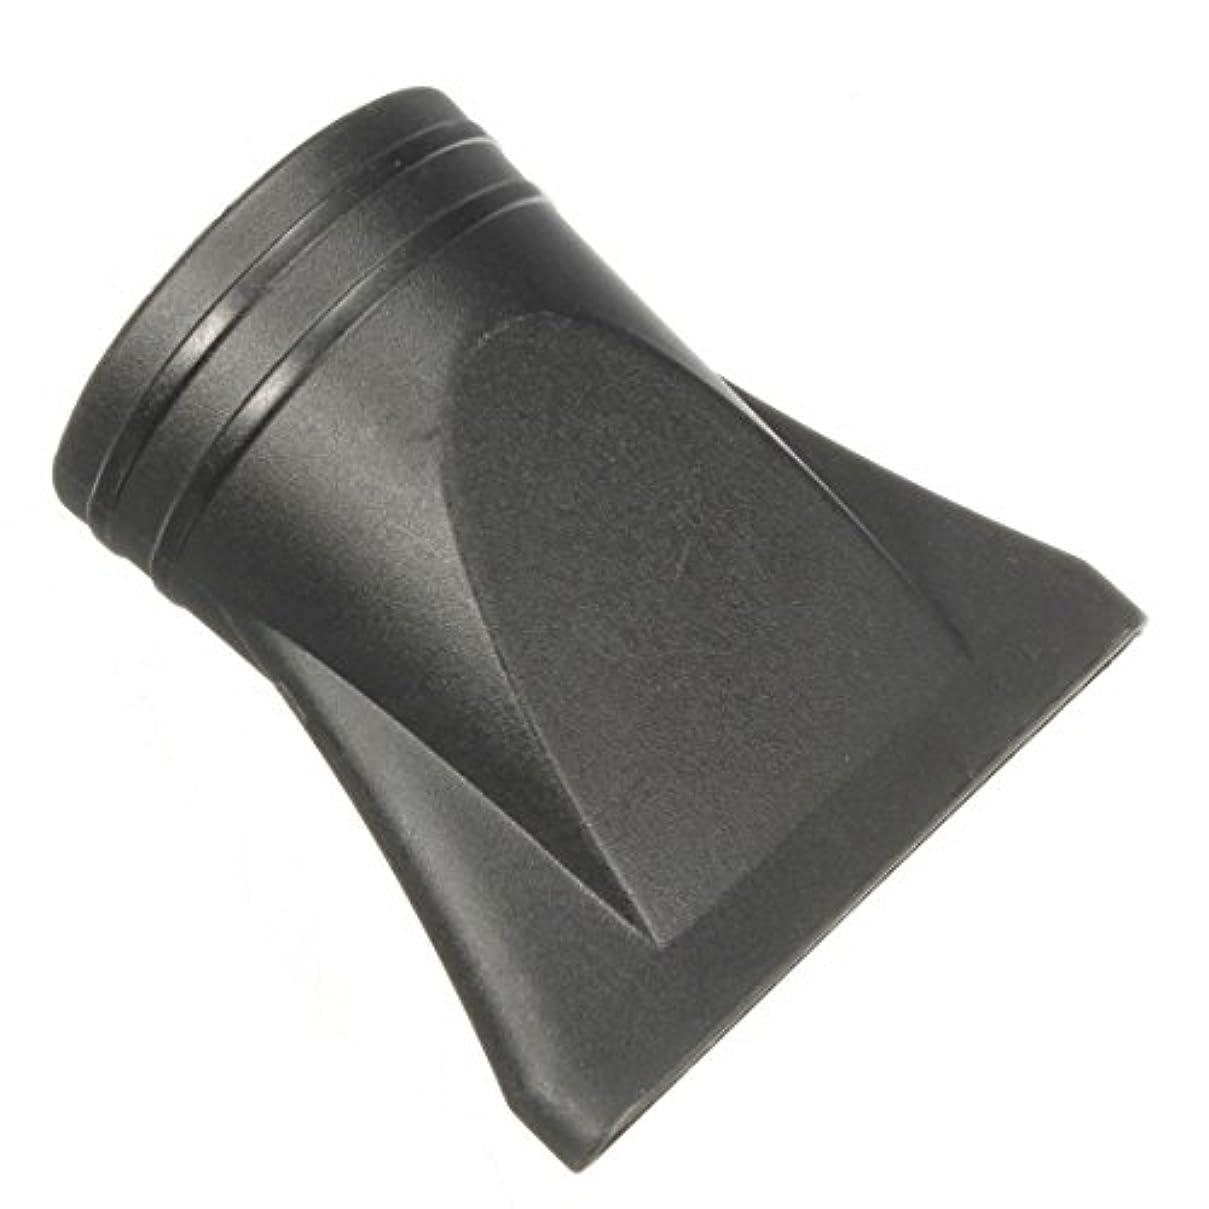 狂気不規則な食器棚Jicorzo - 1PCSプラスチックサロン交換フェラフラットヘアドライヤー乾燥コンセントレータブラックノズルスタイリングツールのフードカバーワイド狭いサイズ[ワイド]